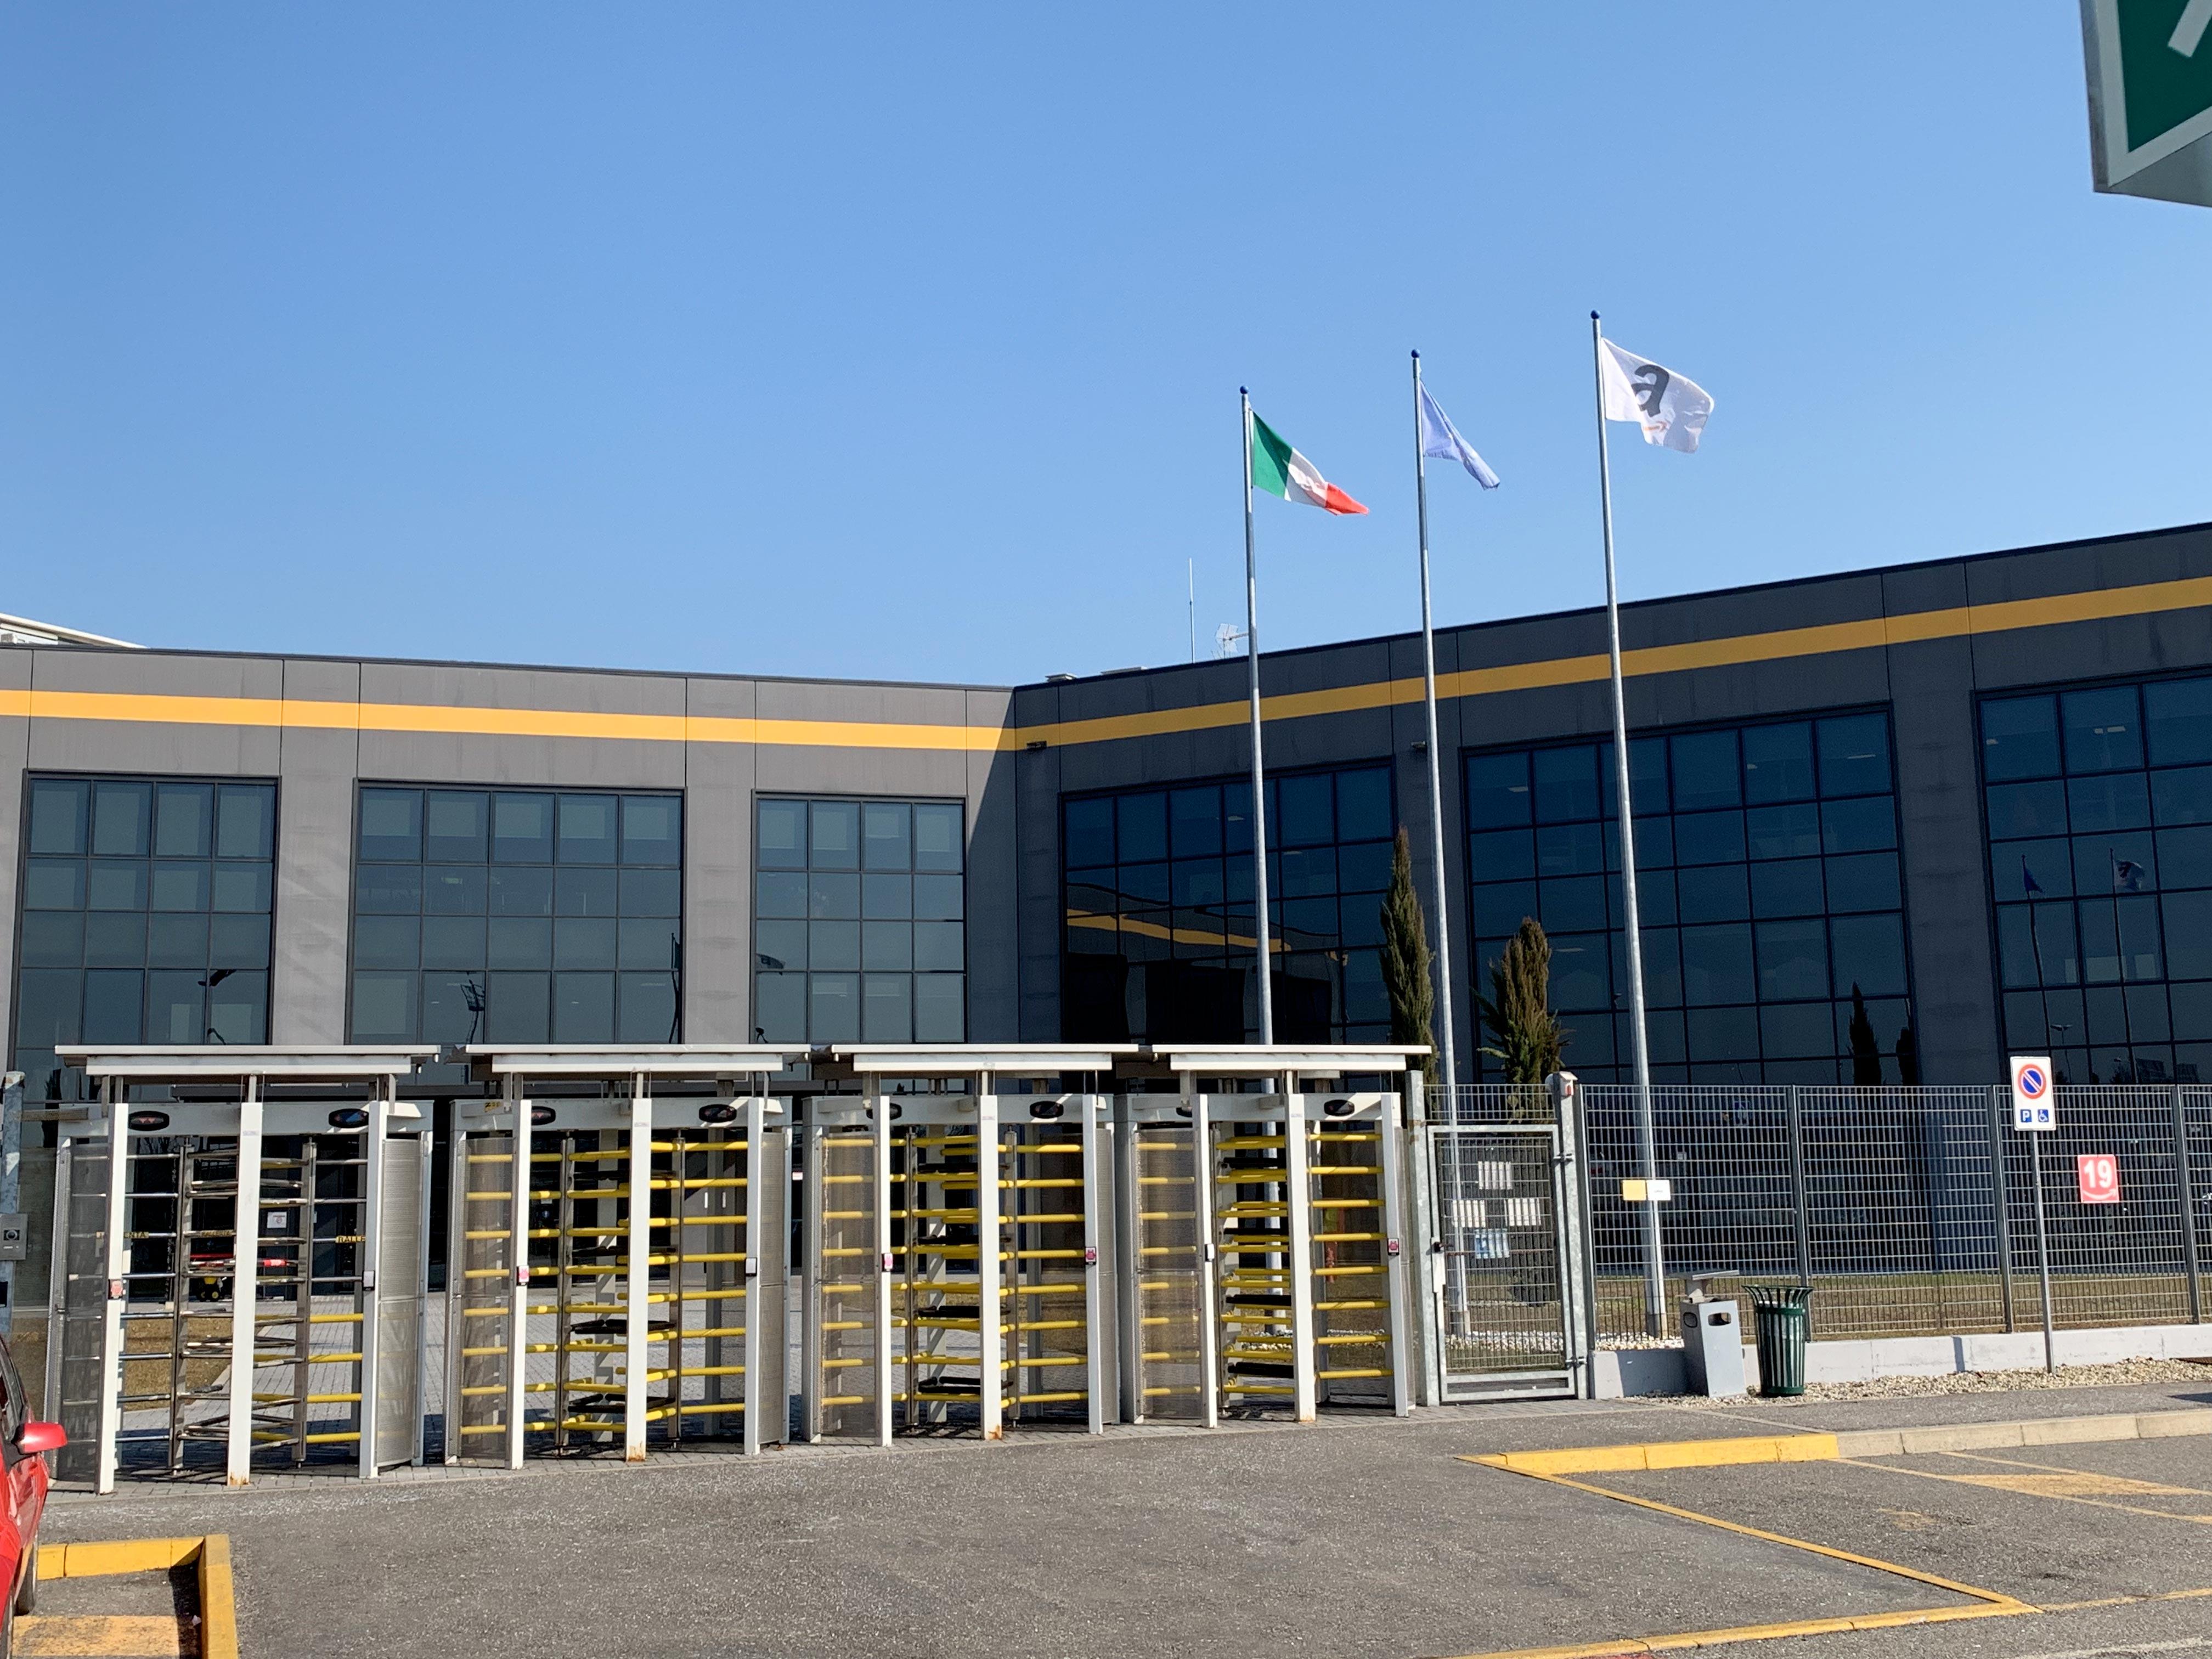 Amazon Italia Ecco Come Funziona Il Magazzino Grande Come 11 Campi Da Calcio Hardware Upgrade